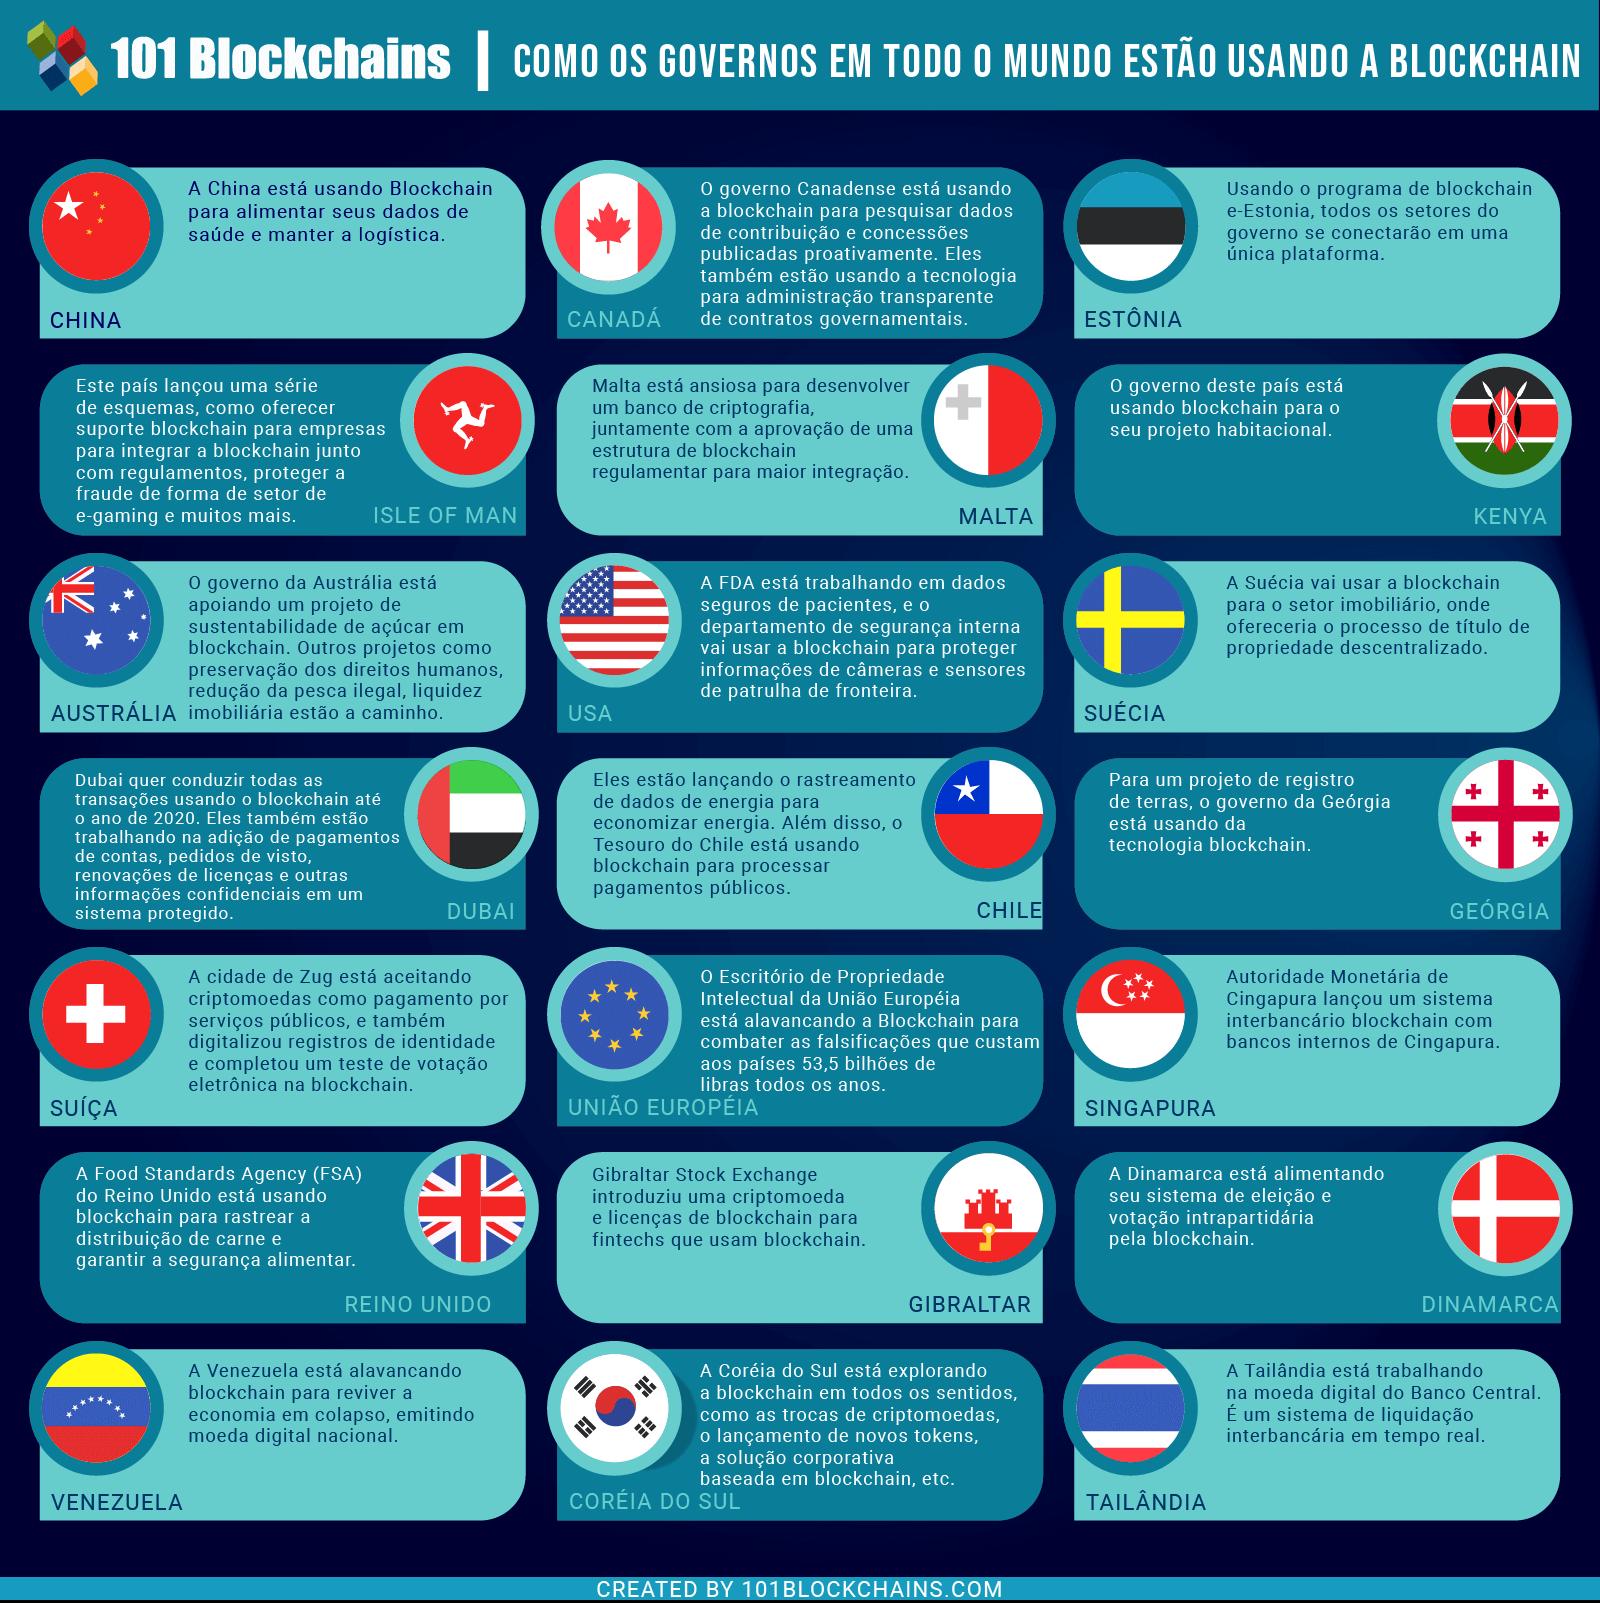 Blockchain Governamental 3 - Como os Governos em Todo o Mundo est╞o Usando a Blockchain